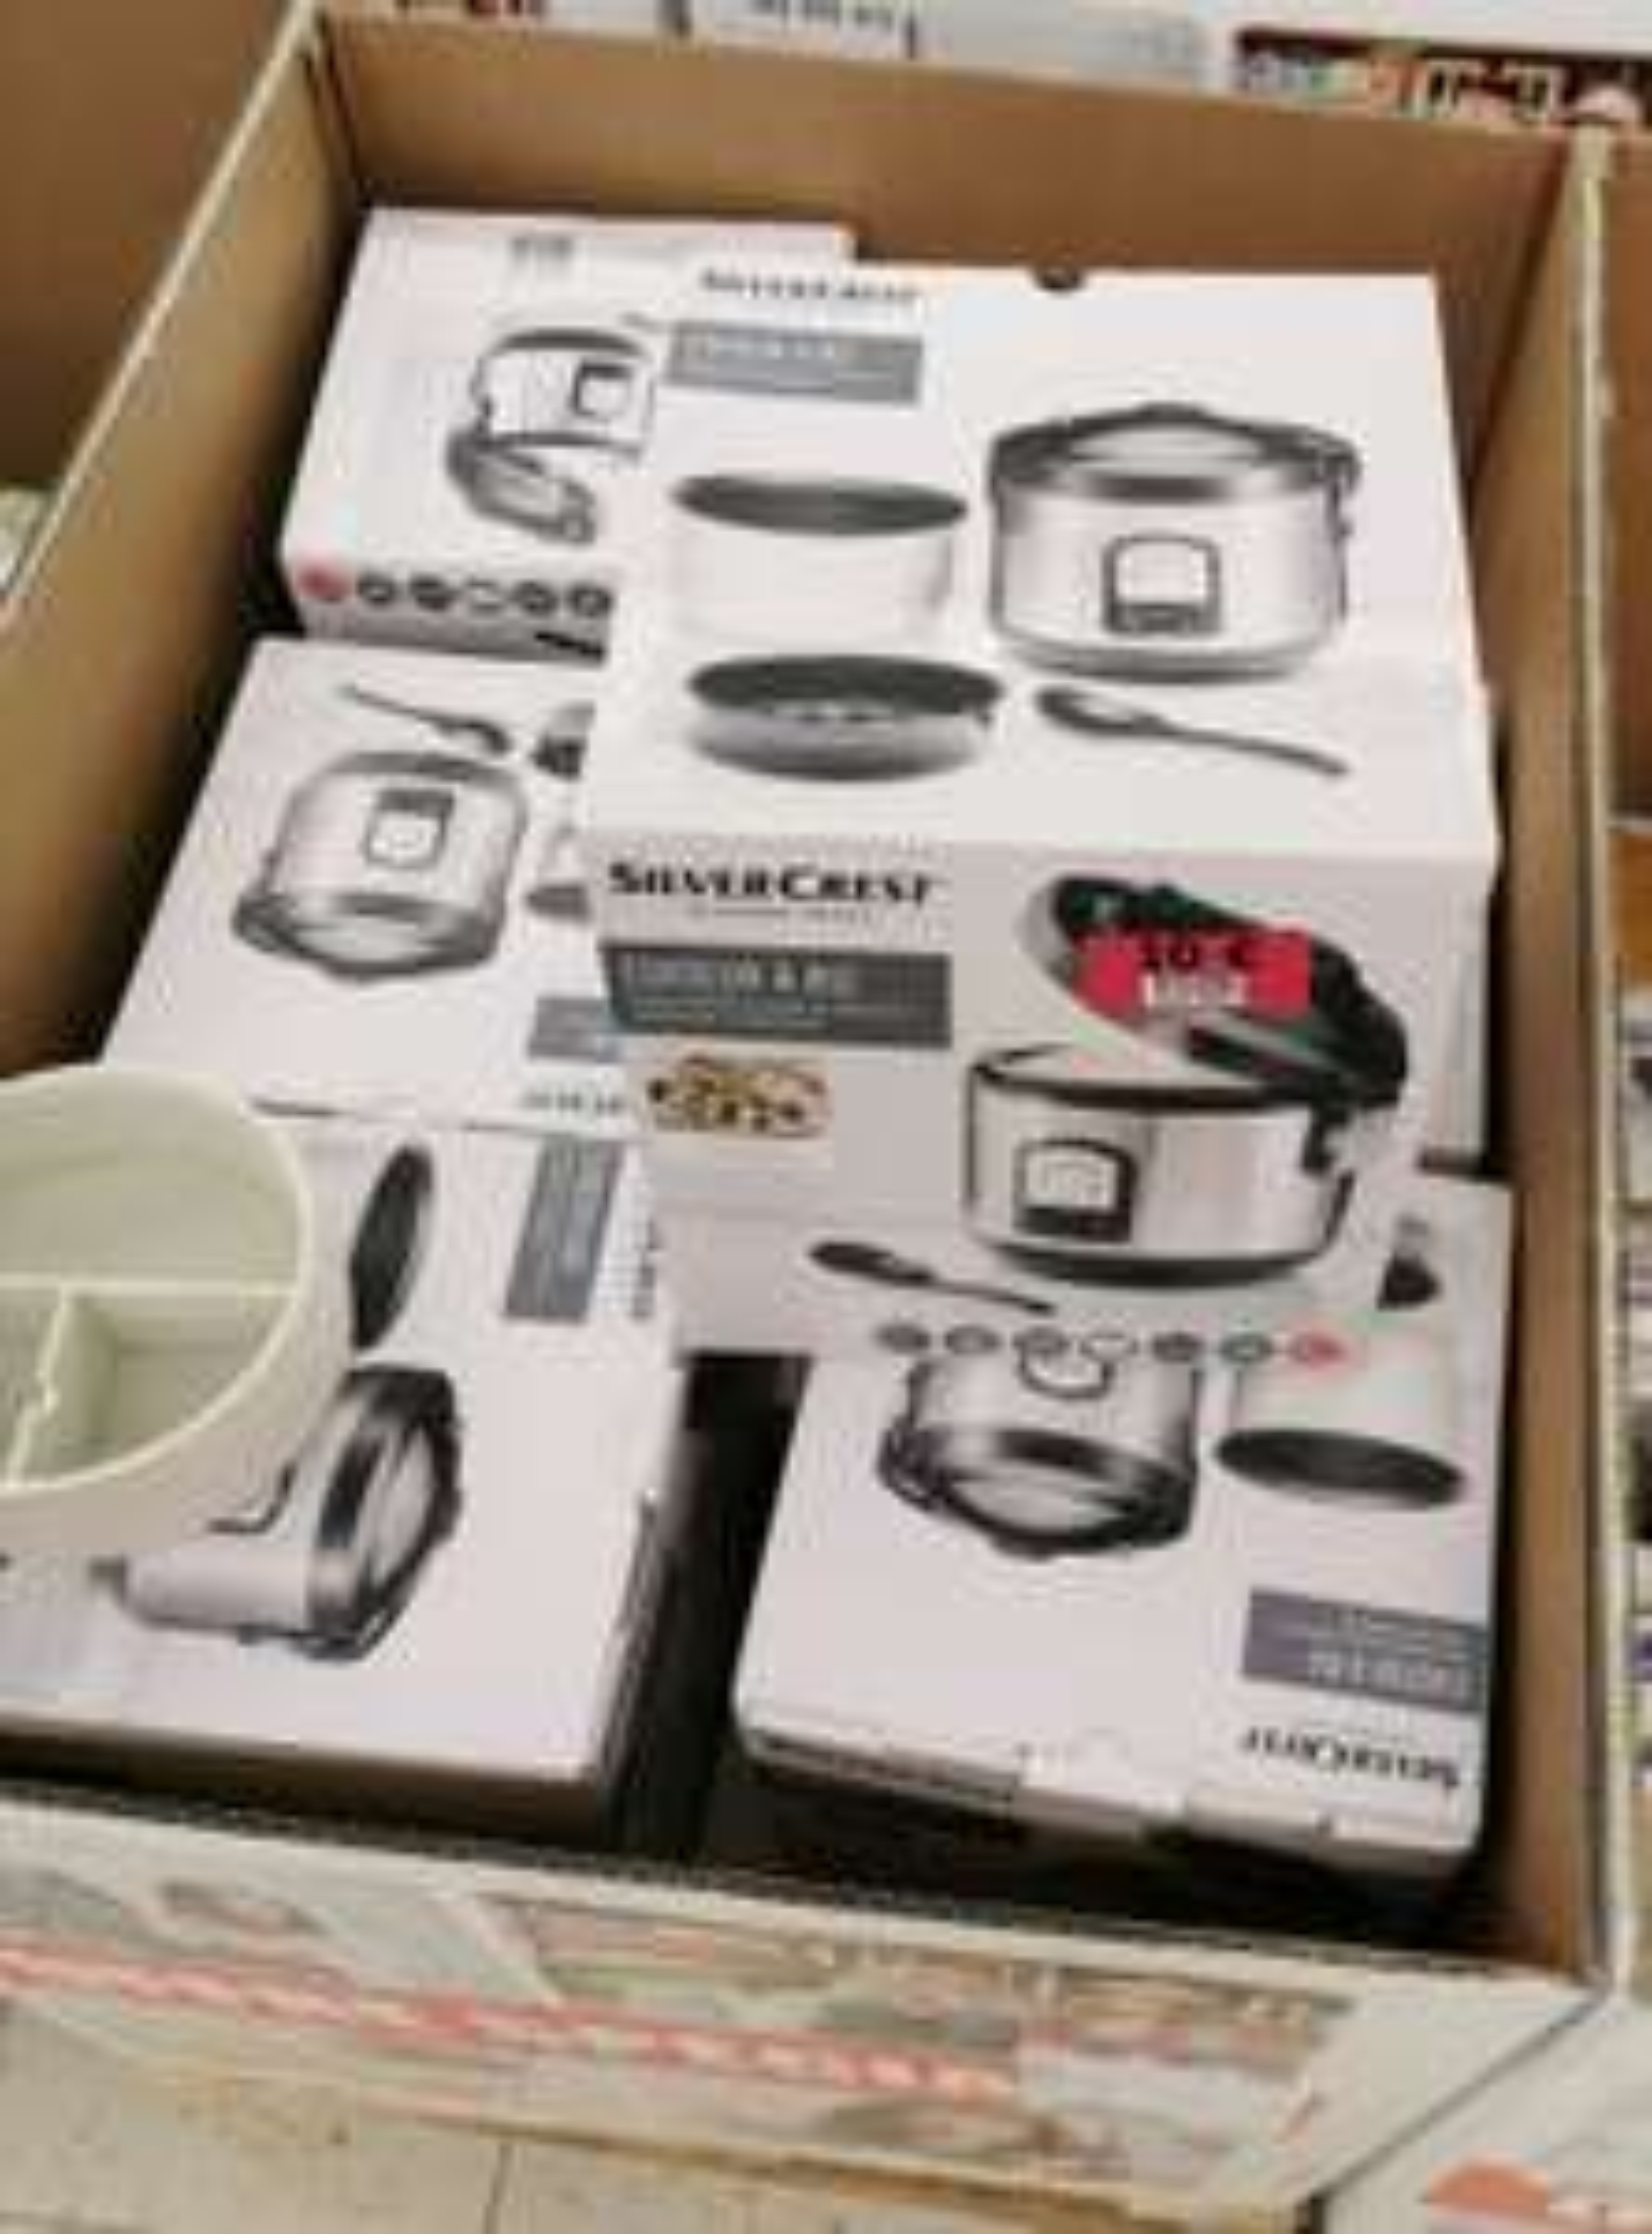 Cuiseur à riz SilverCrest - Revin (08)